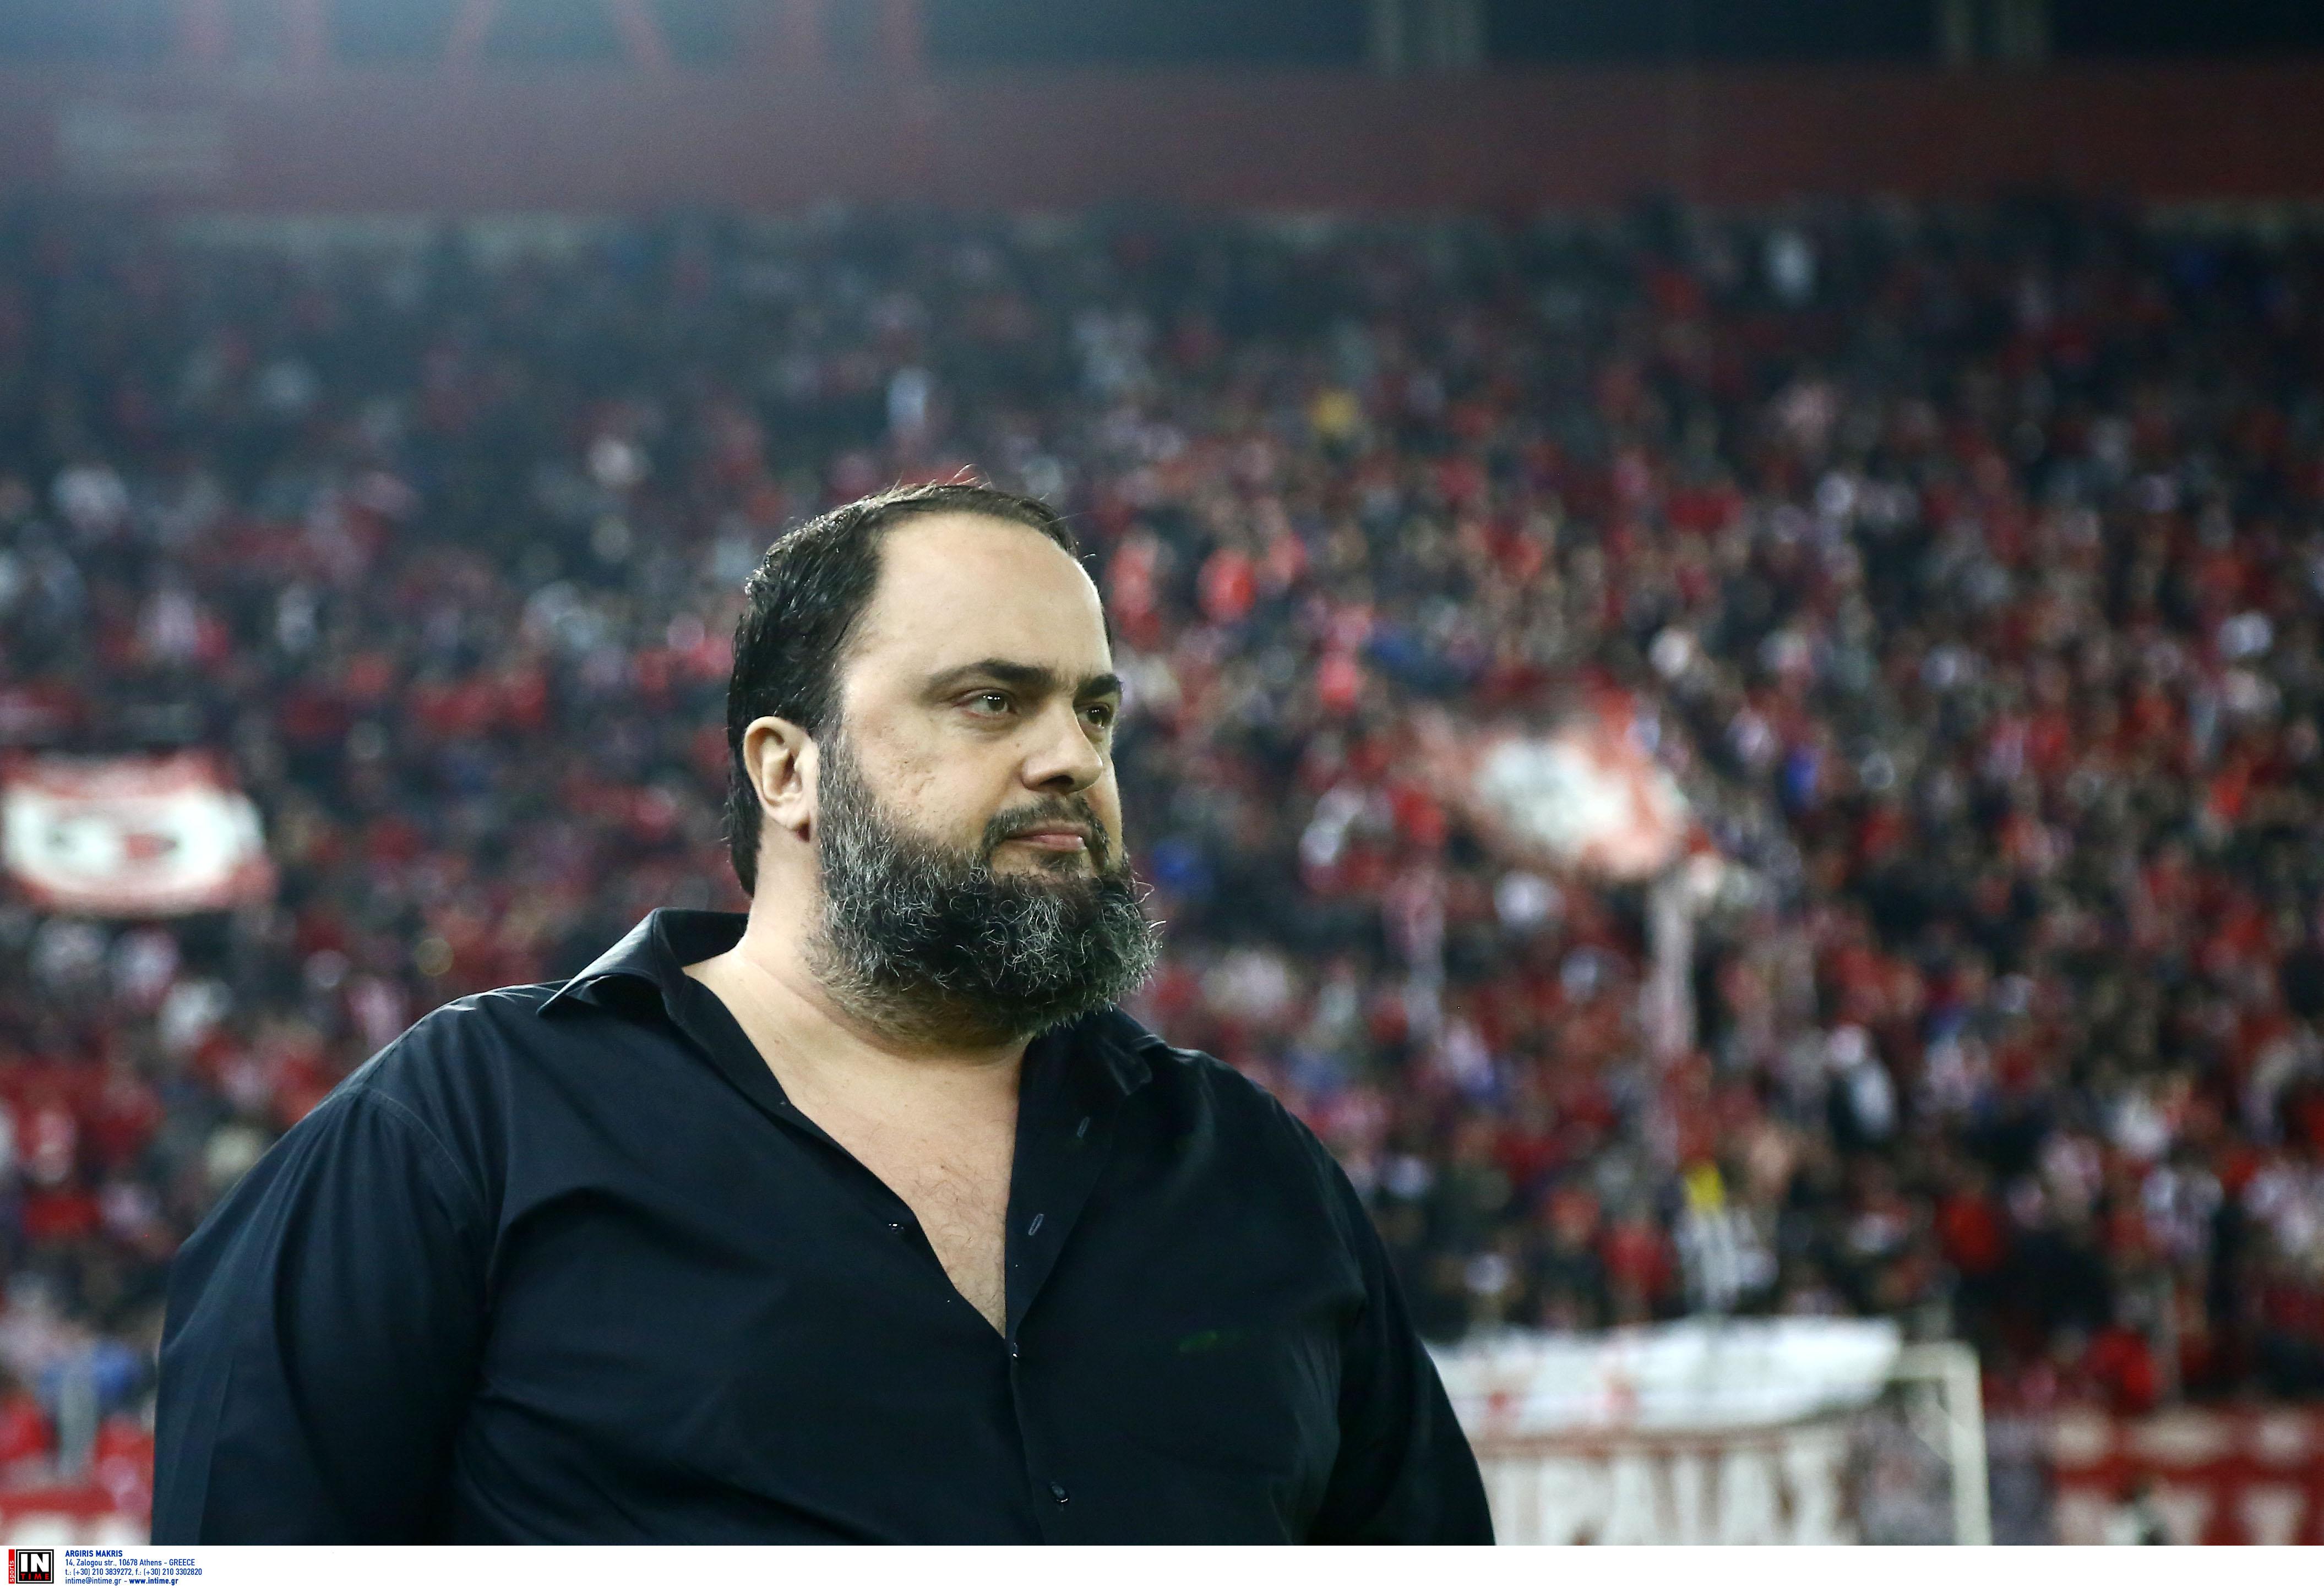 Ολυμπιακός: Ο Βαγγέλης Μαρινάκης έκλεισε θέση στην «κερκίδα» για την φιέστα του πρωταθλήματος